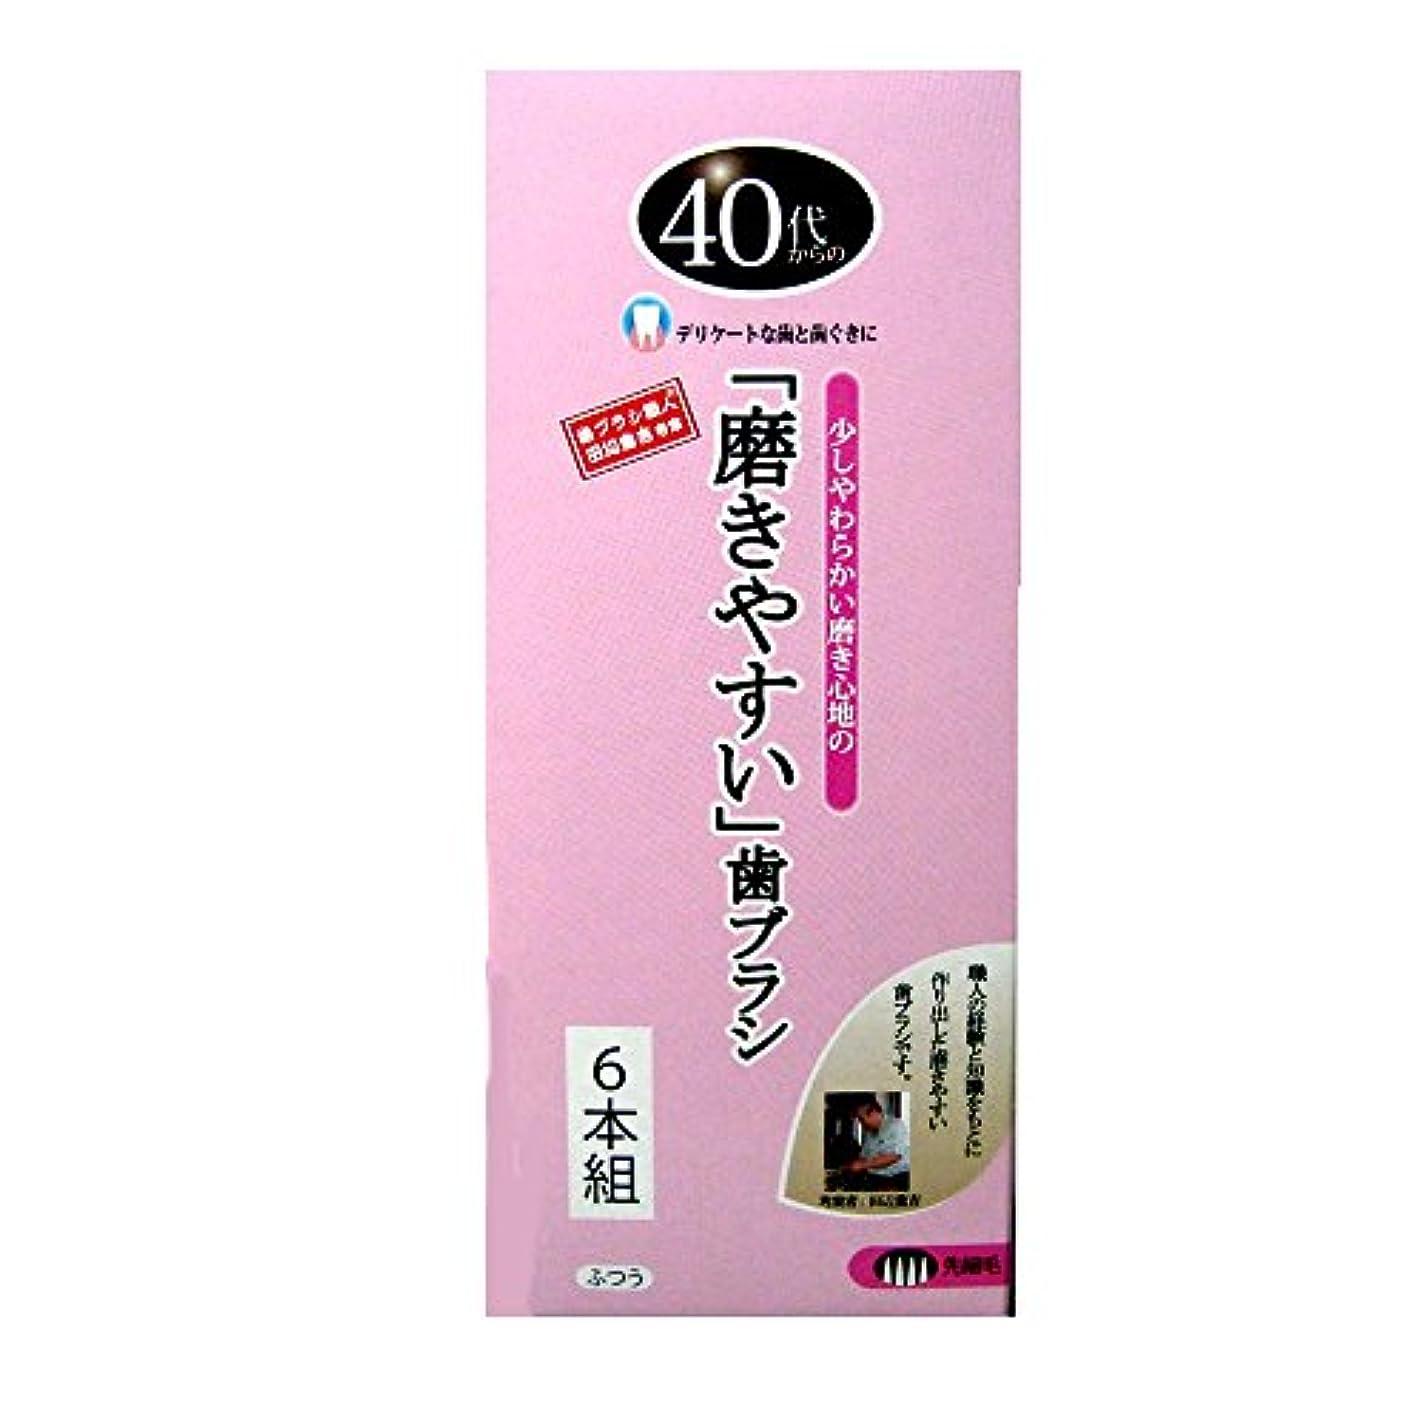 再現するキャンペーン次ライフレンジ 磨きやすい歯ブラシ 40代から ふつう LT-115 6本組 4560292169909